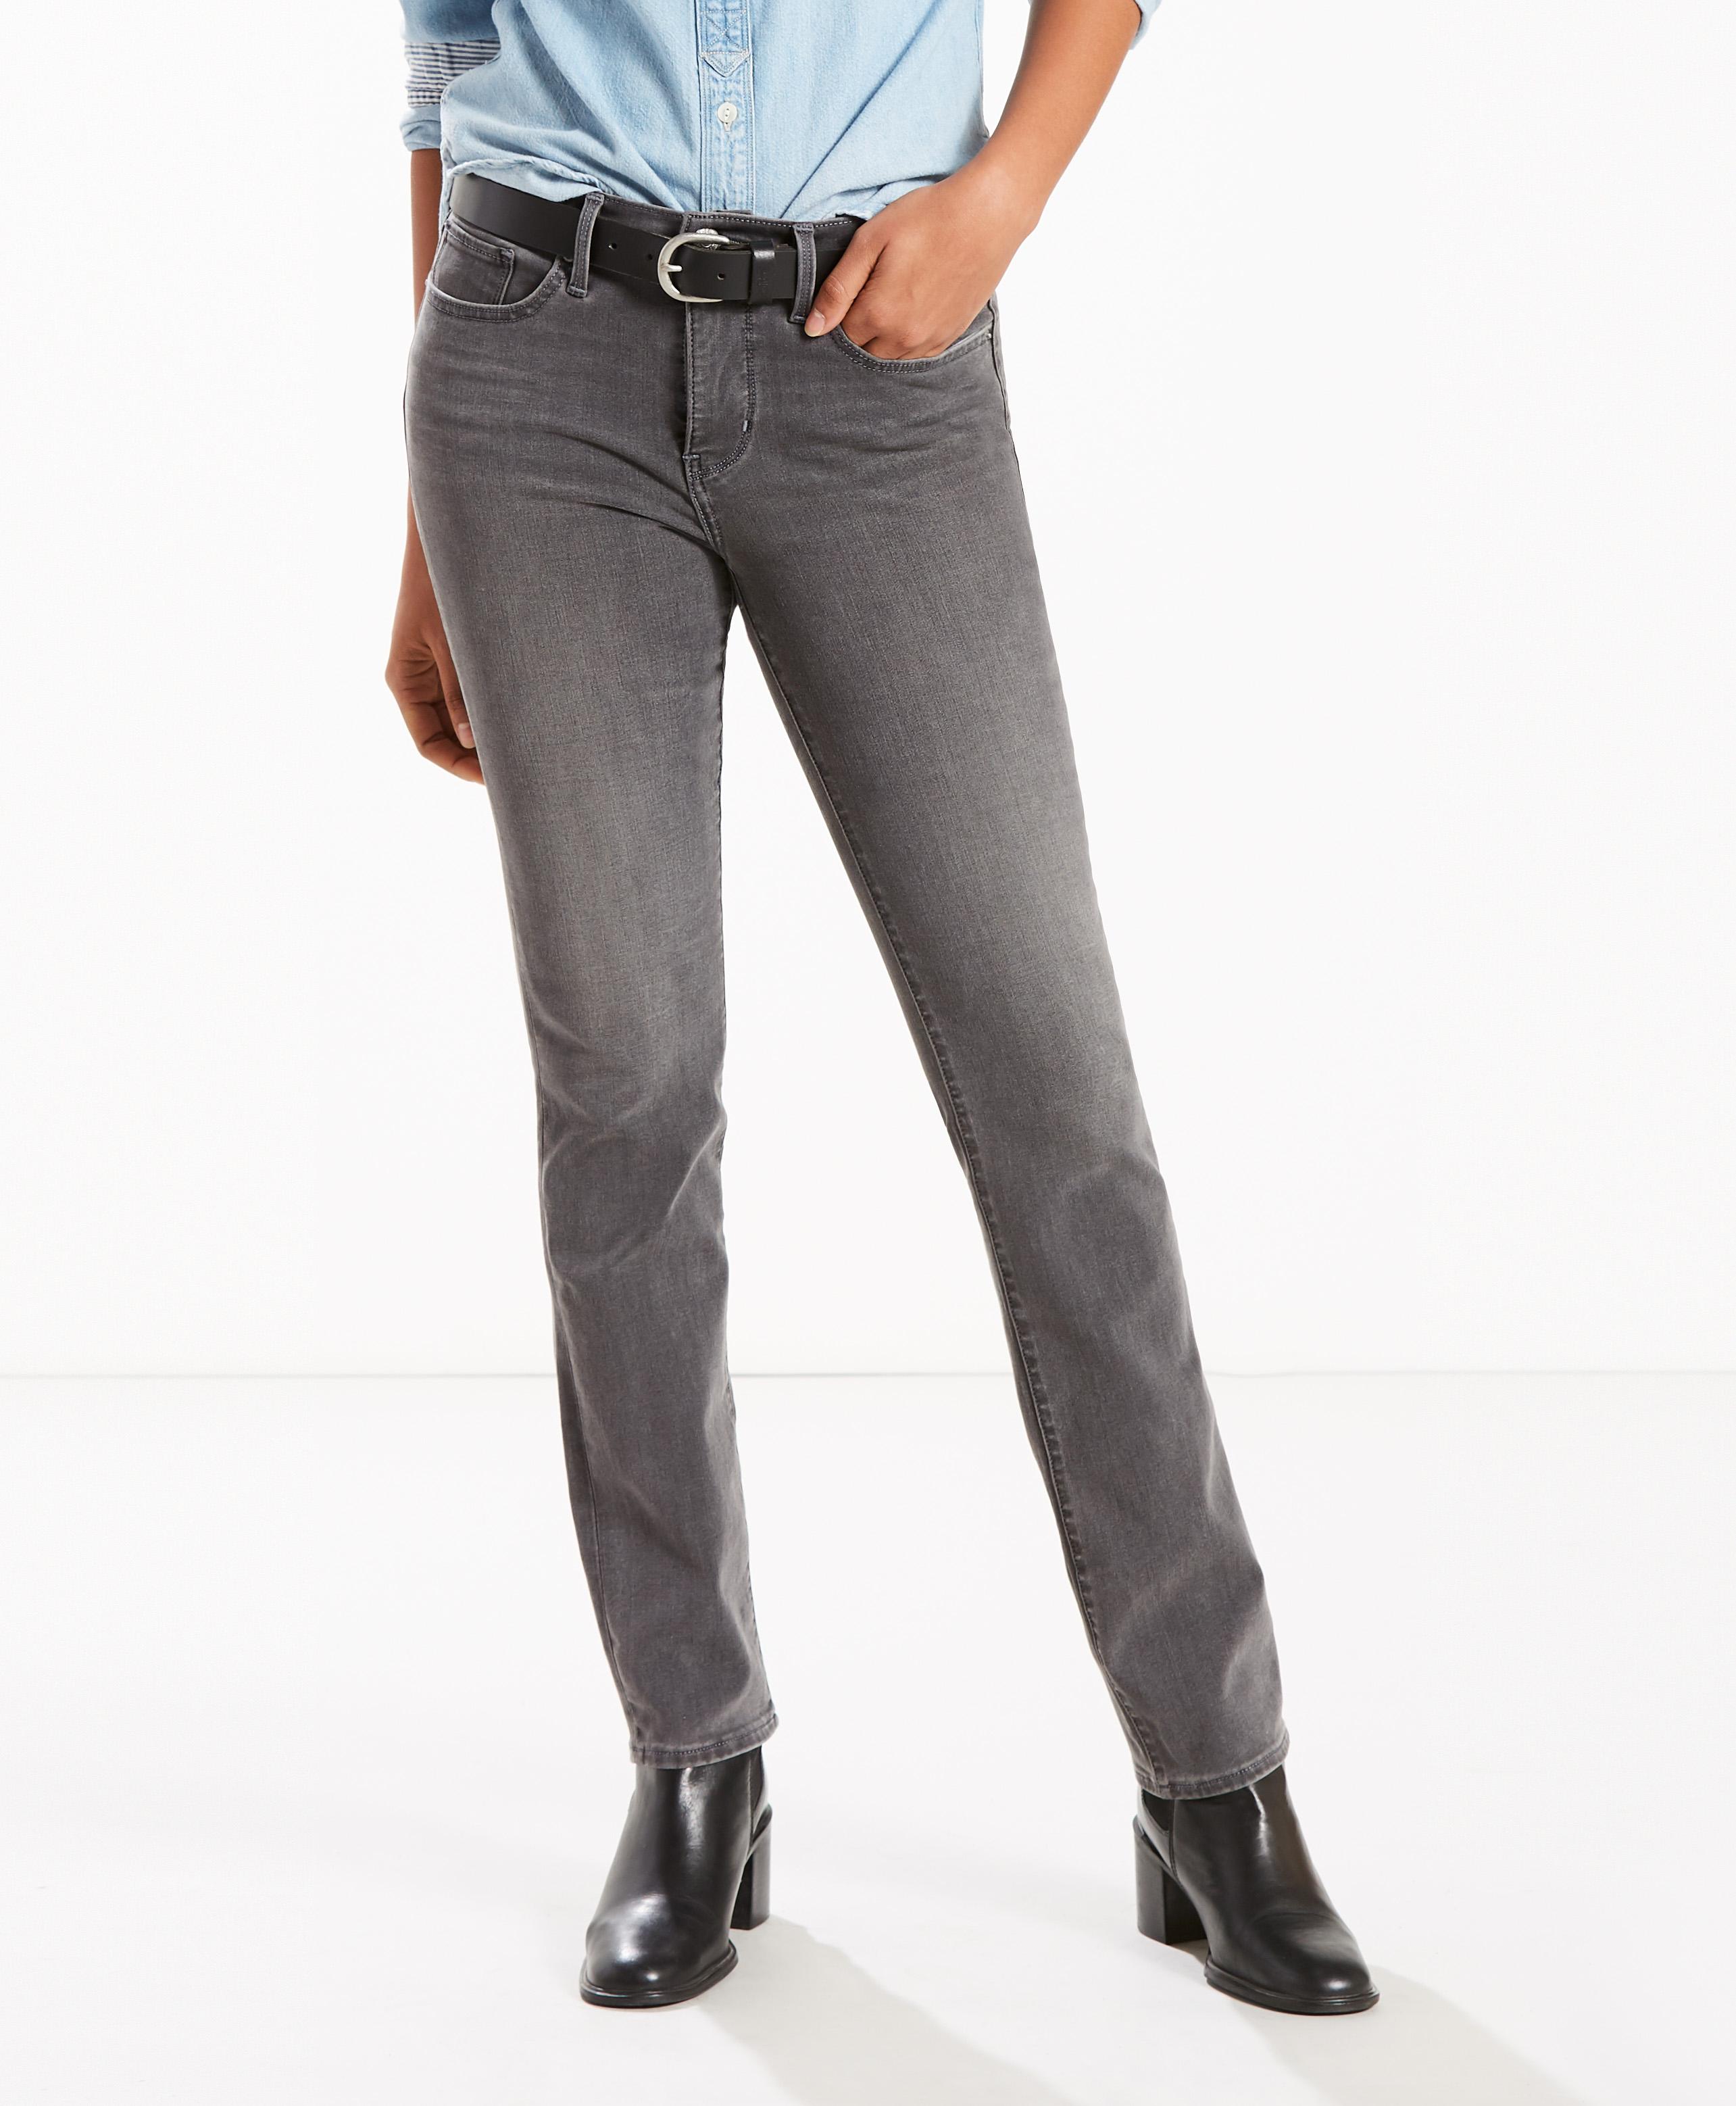 levis 312 jeans hosen bekleidung damen onlineshop. Black Bedroom Furniture Sets. Home Design Ideas